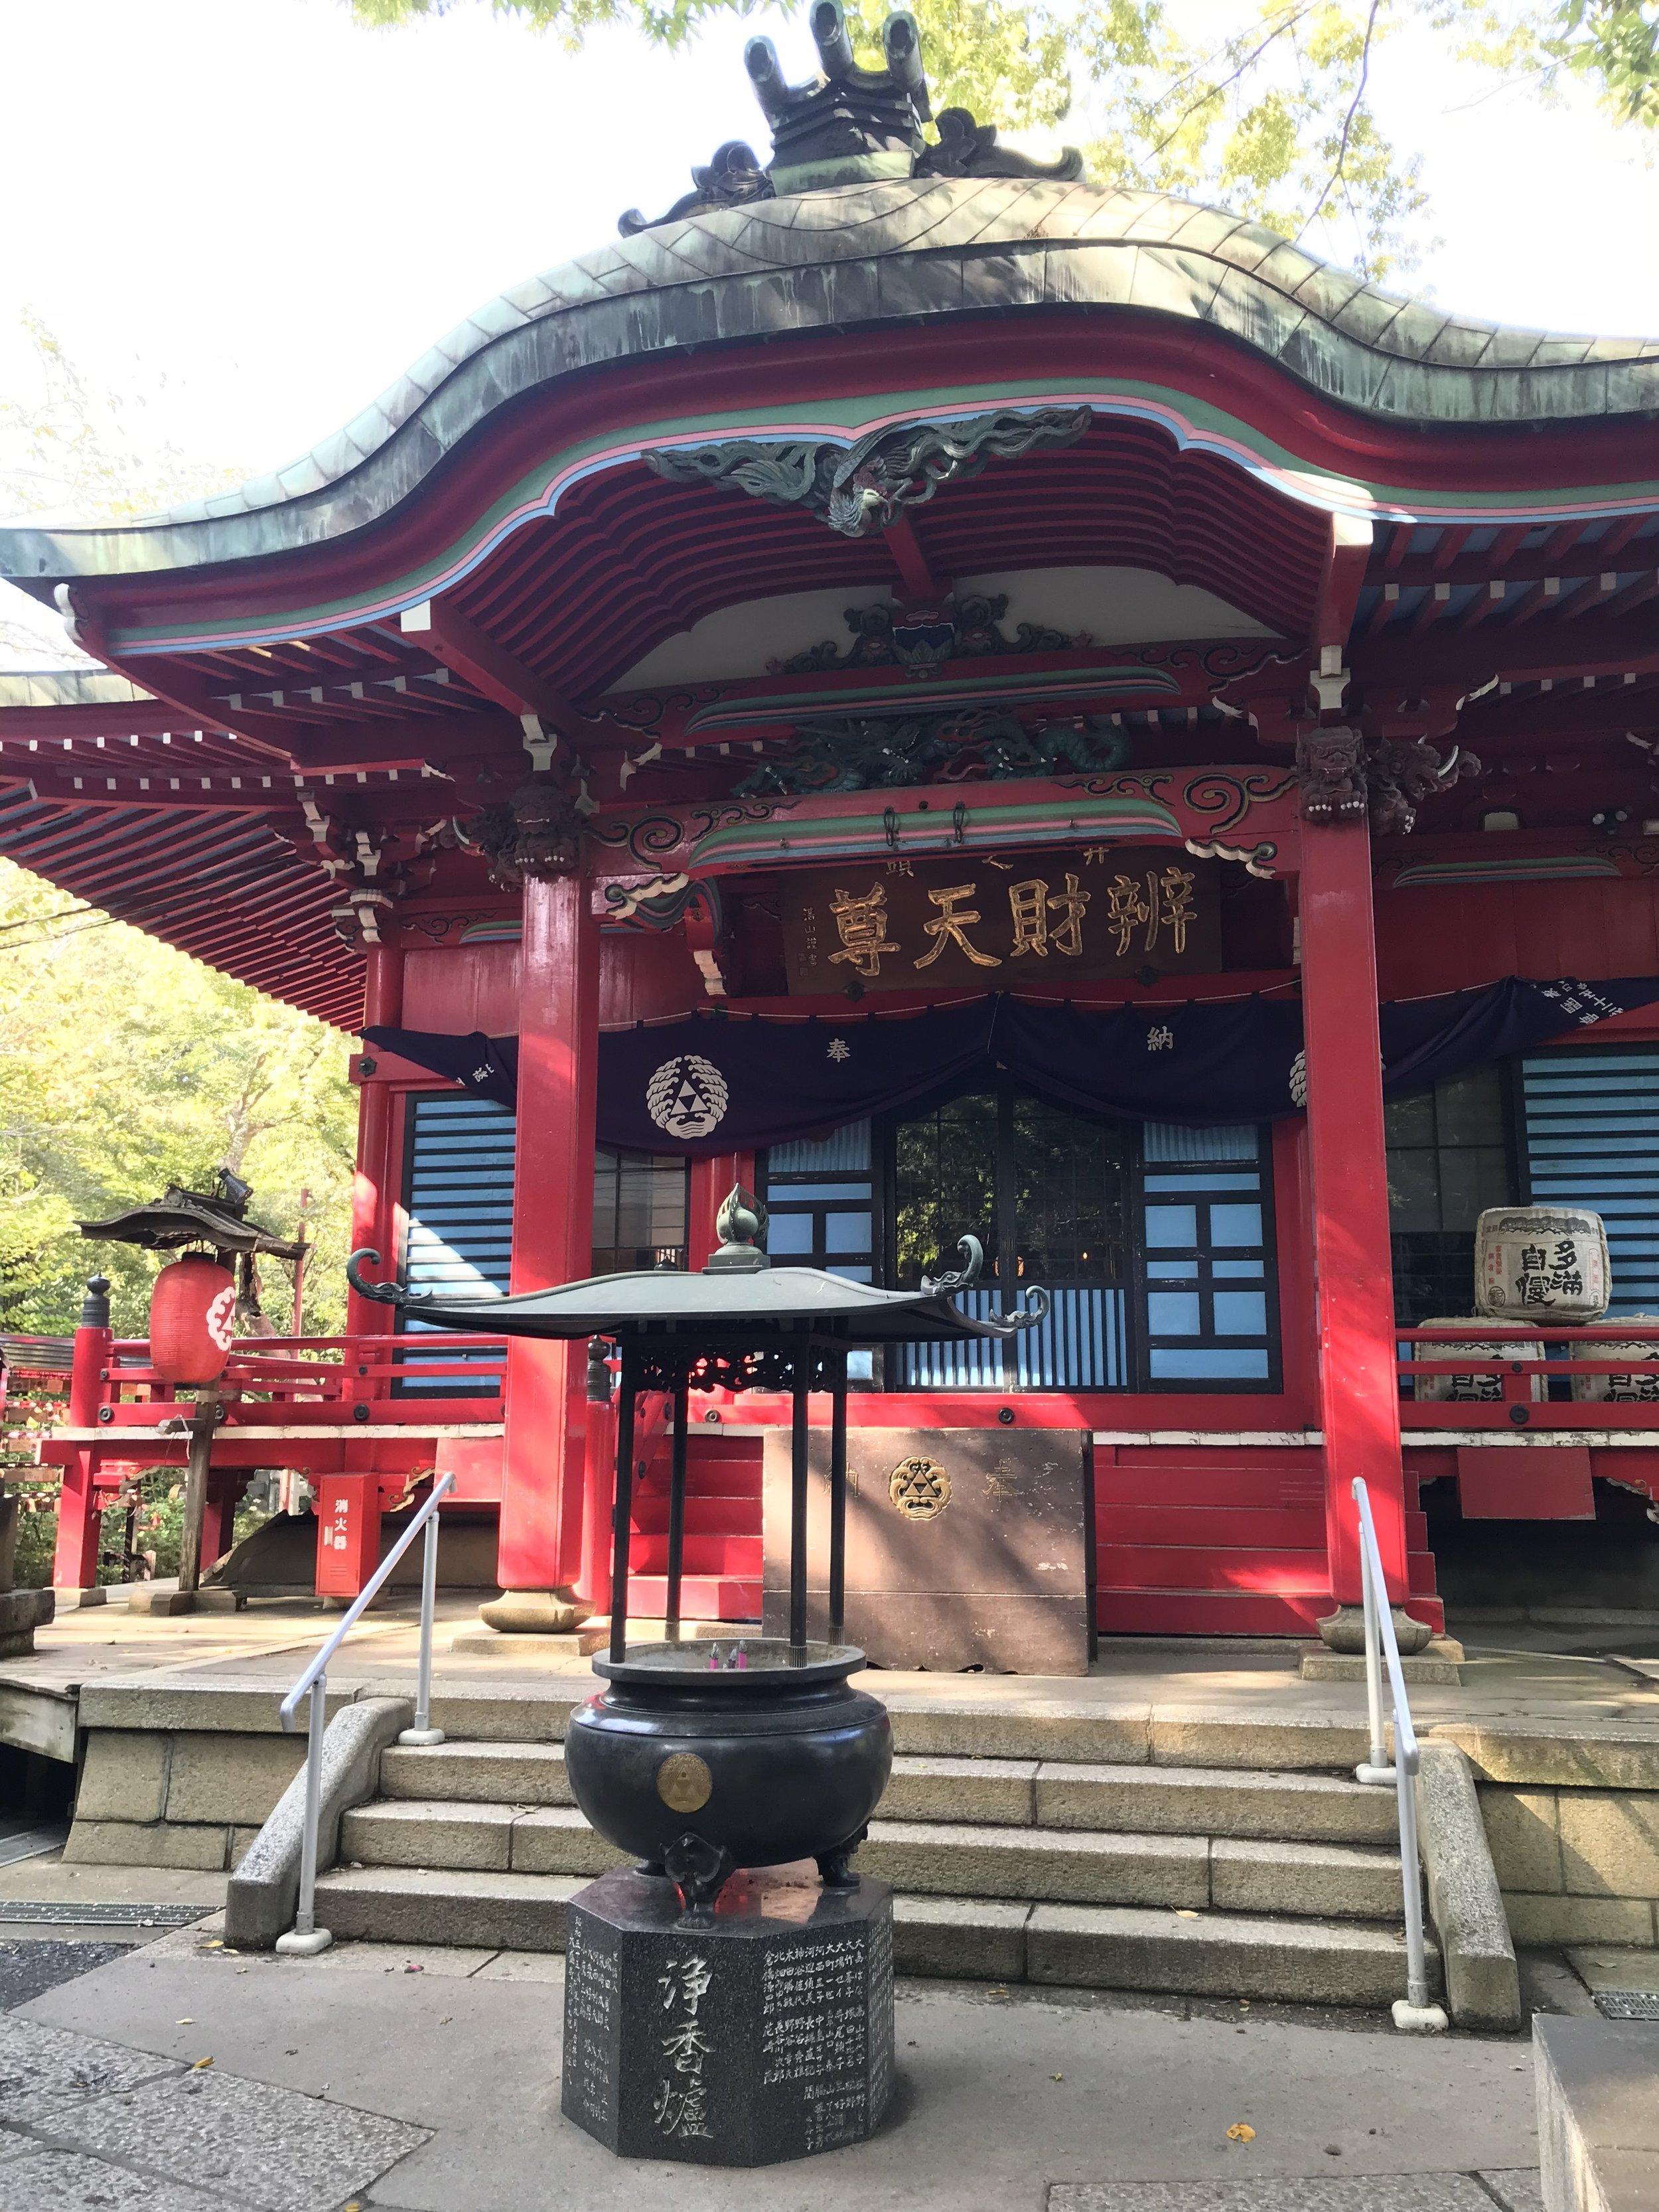 Benzaiten Shrine in Inokashira Park